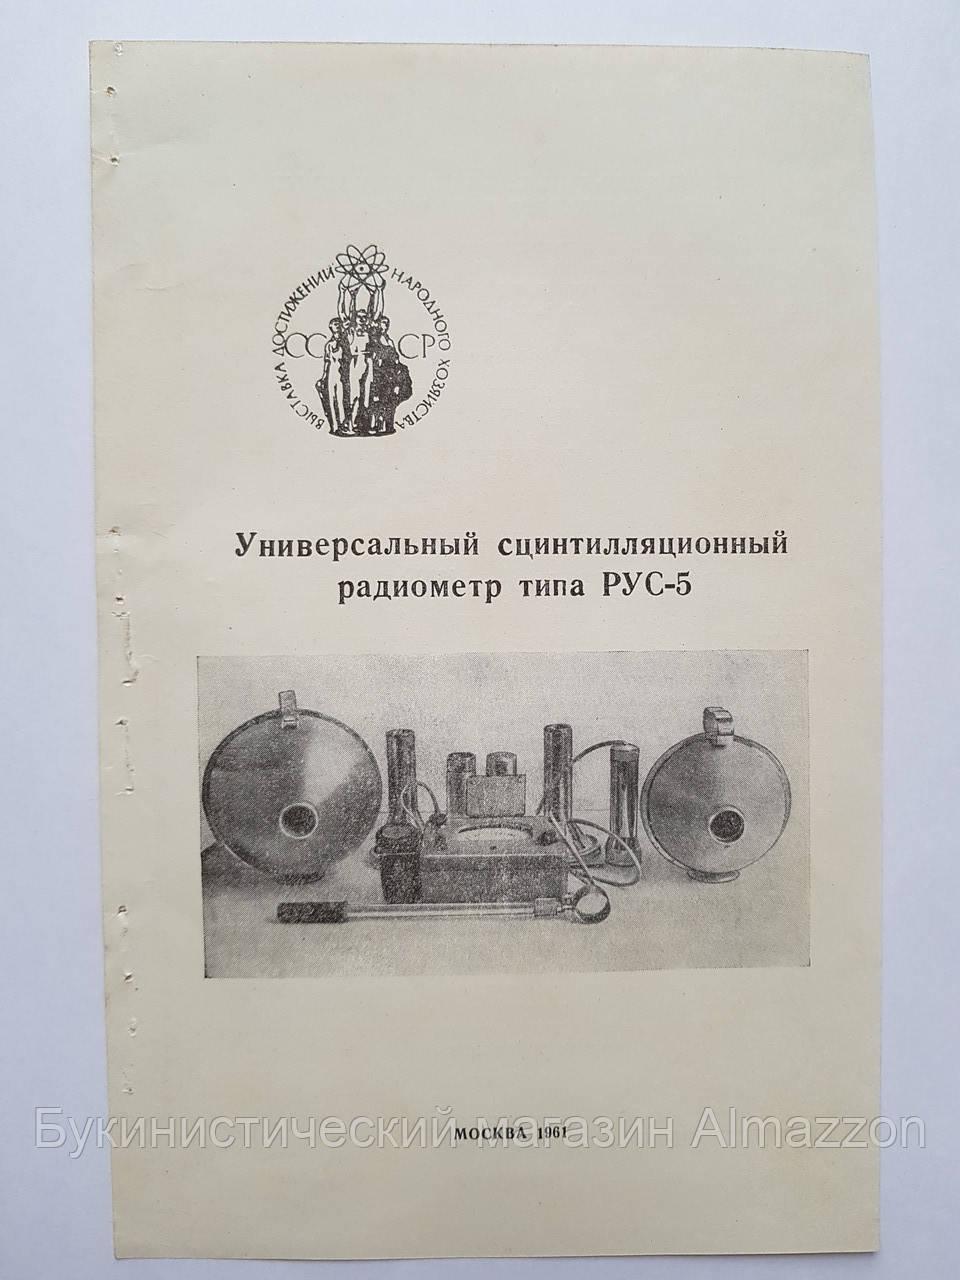 Реклама ВДНХ Универсальный сцинтилляционный радиометр типа РУС-5